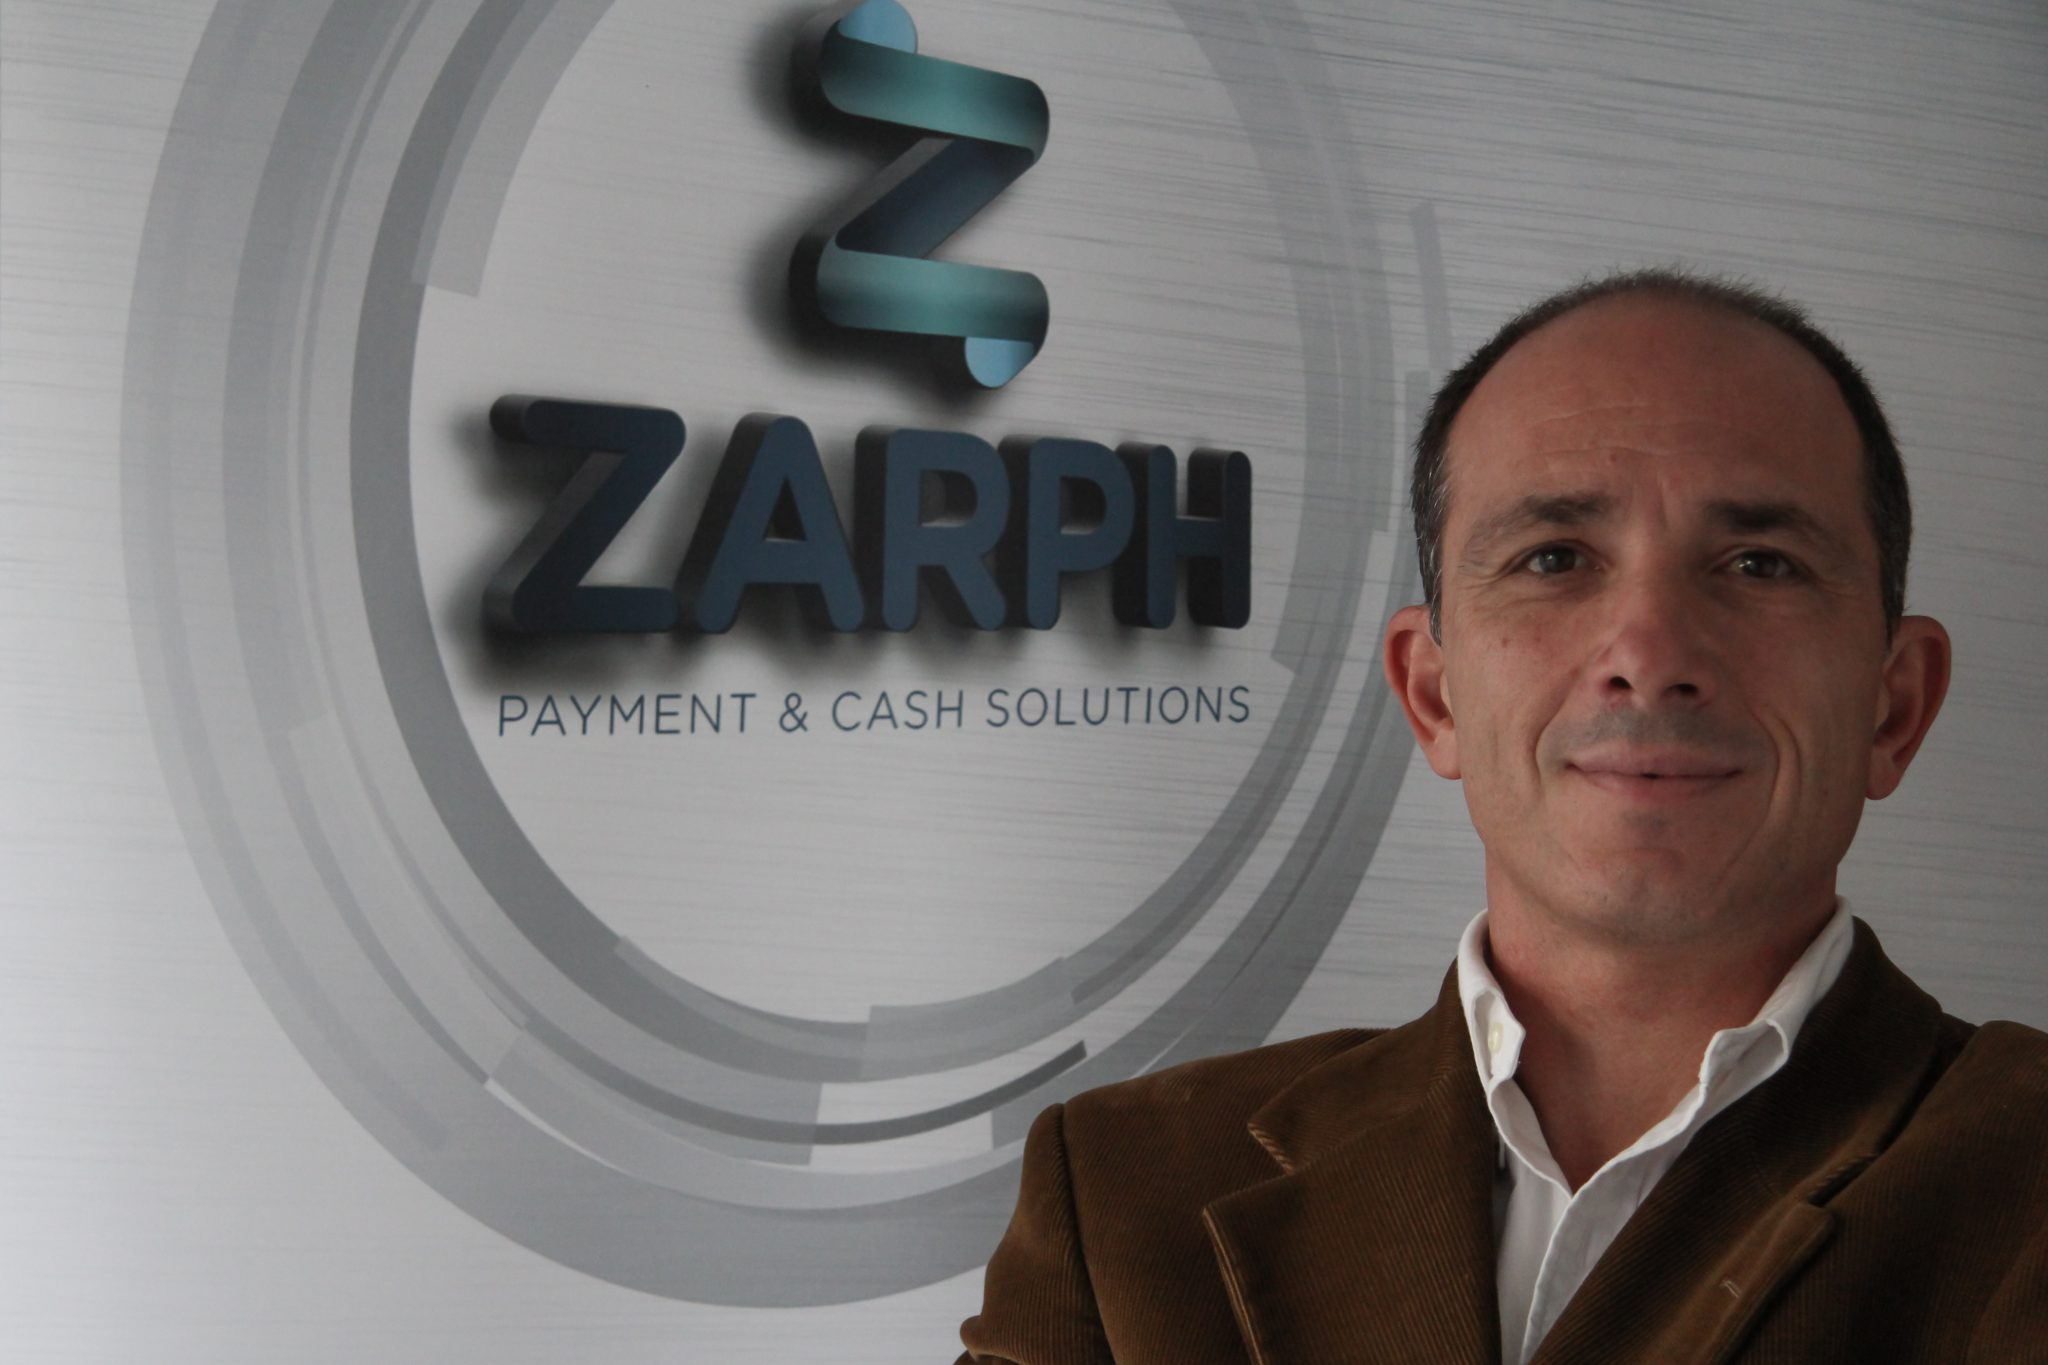 As empresas terão que fazer evoluir o seu processo de gestão de numerário. Pedro Mourato Gordo, CEO da Zarph, explica porquê.